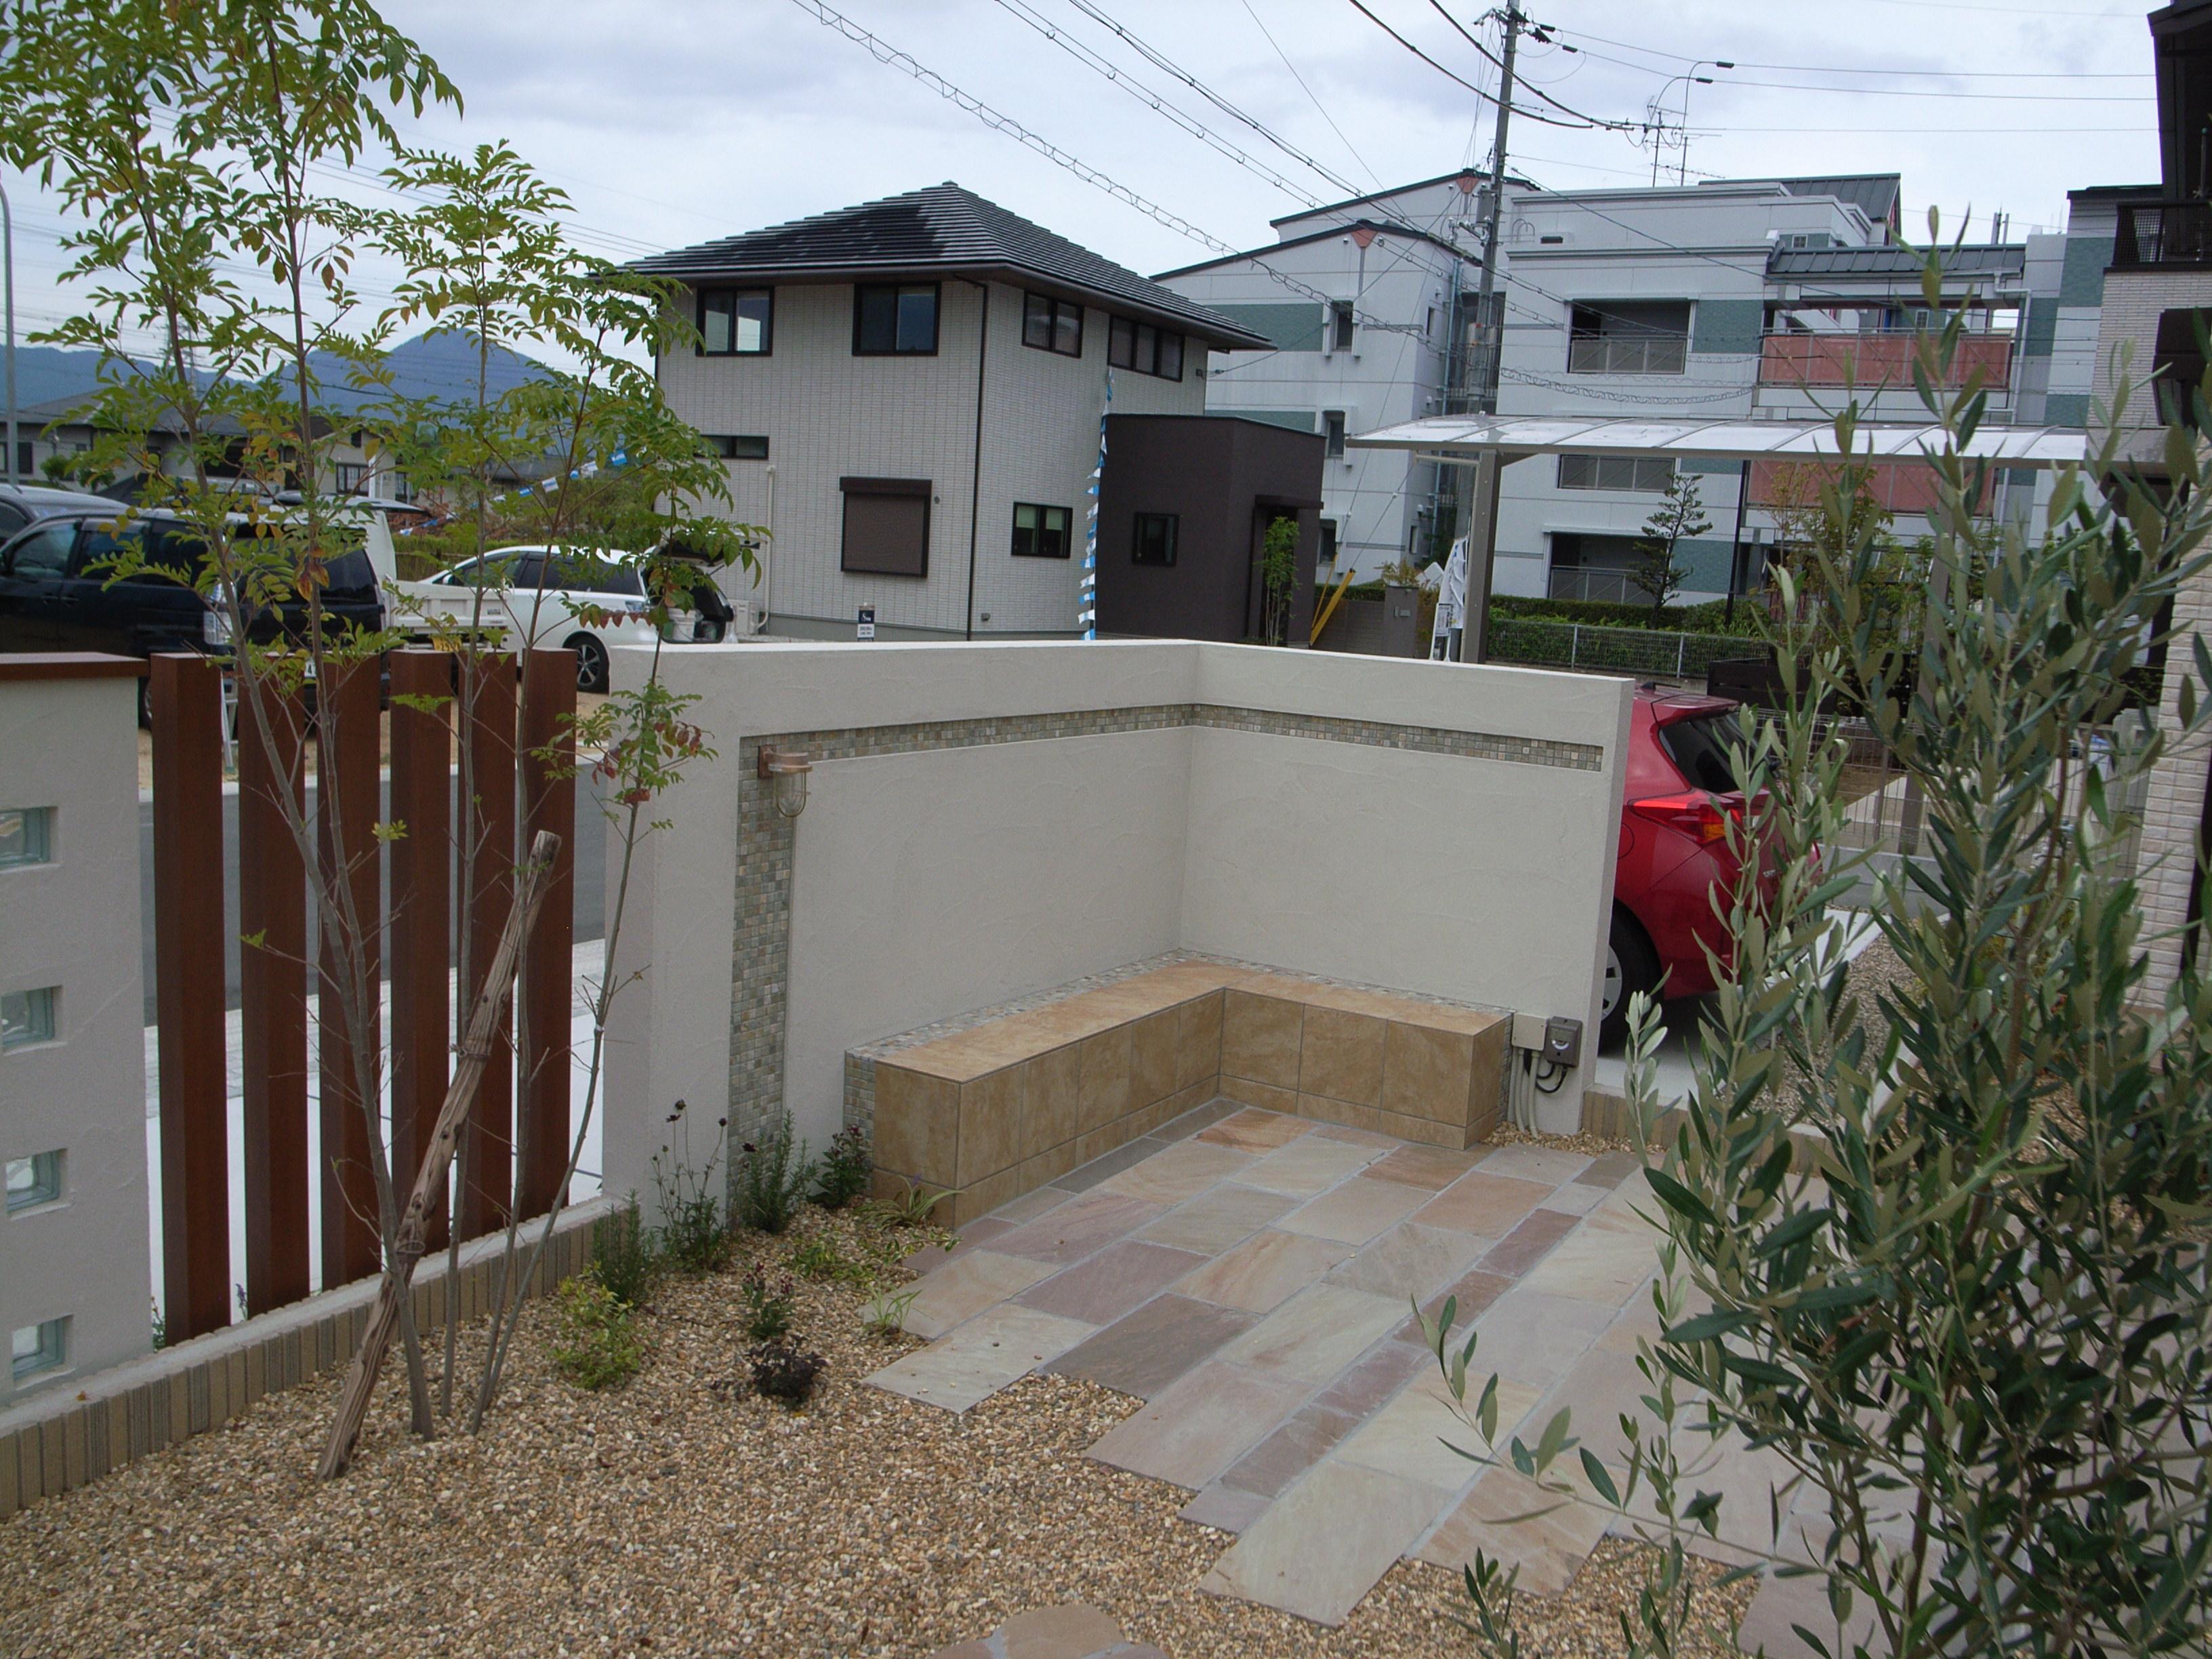 香芝市、道路からの目隠しの機能を持たせた外壁です。